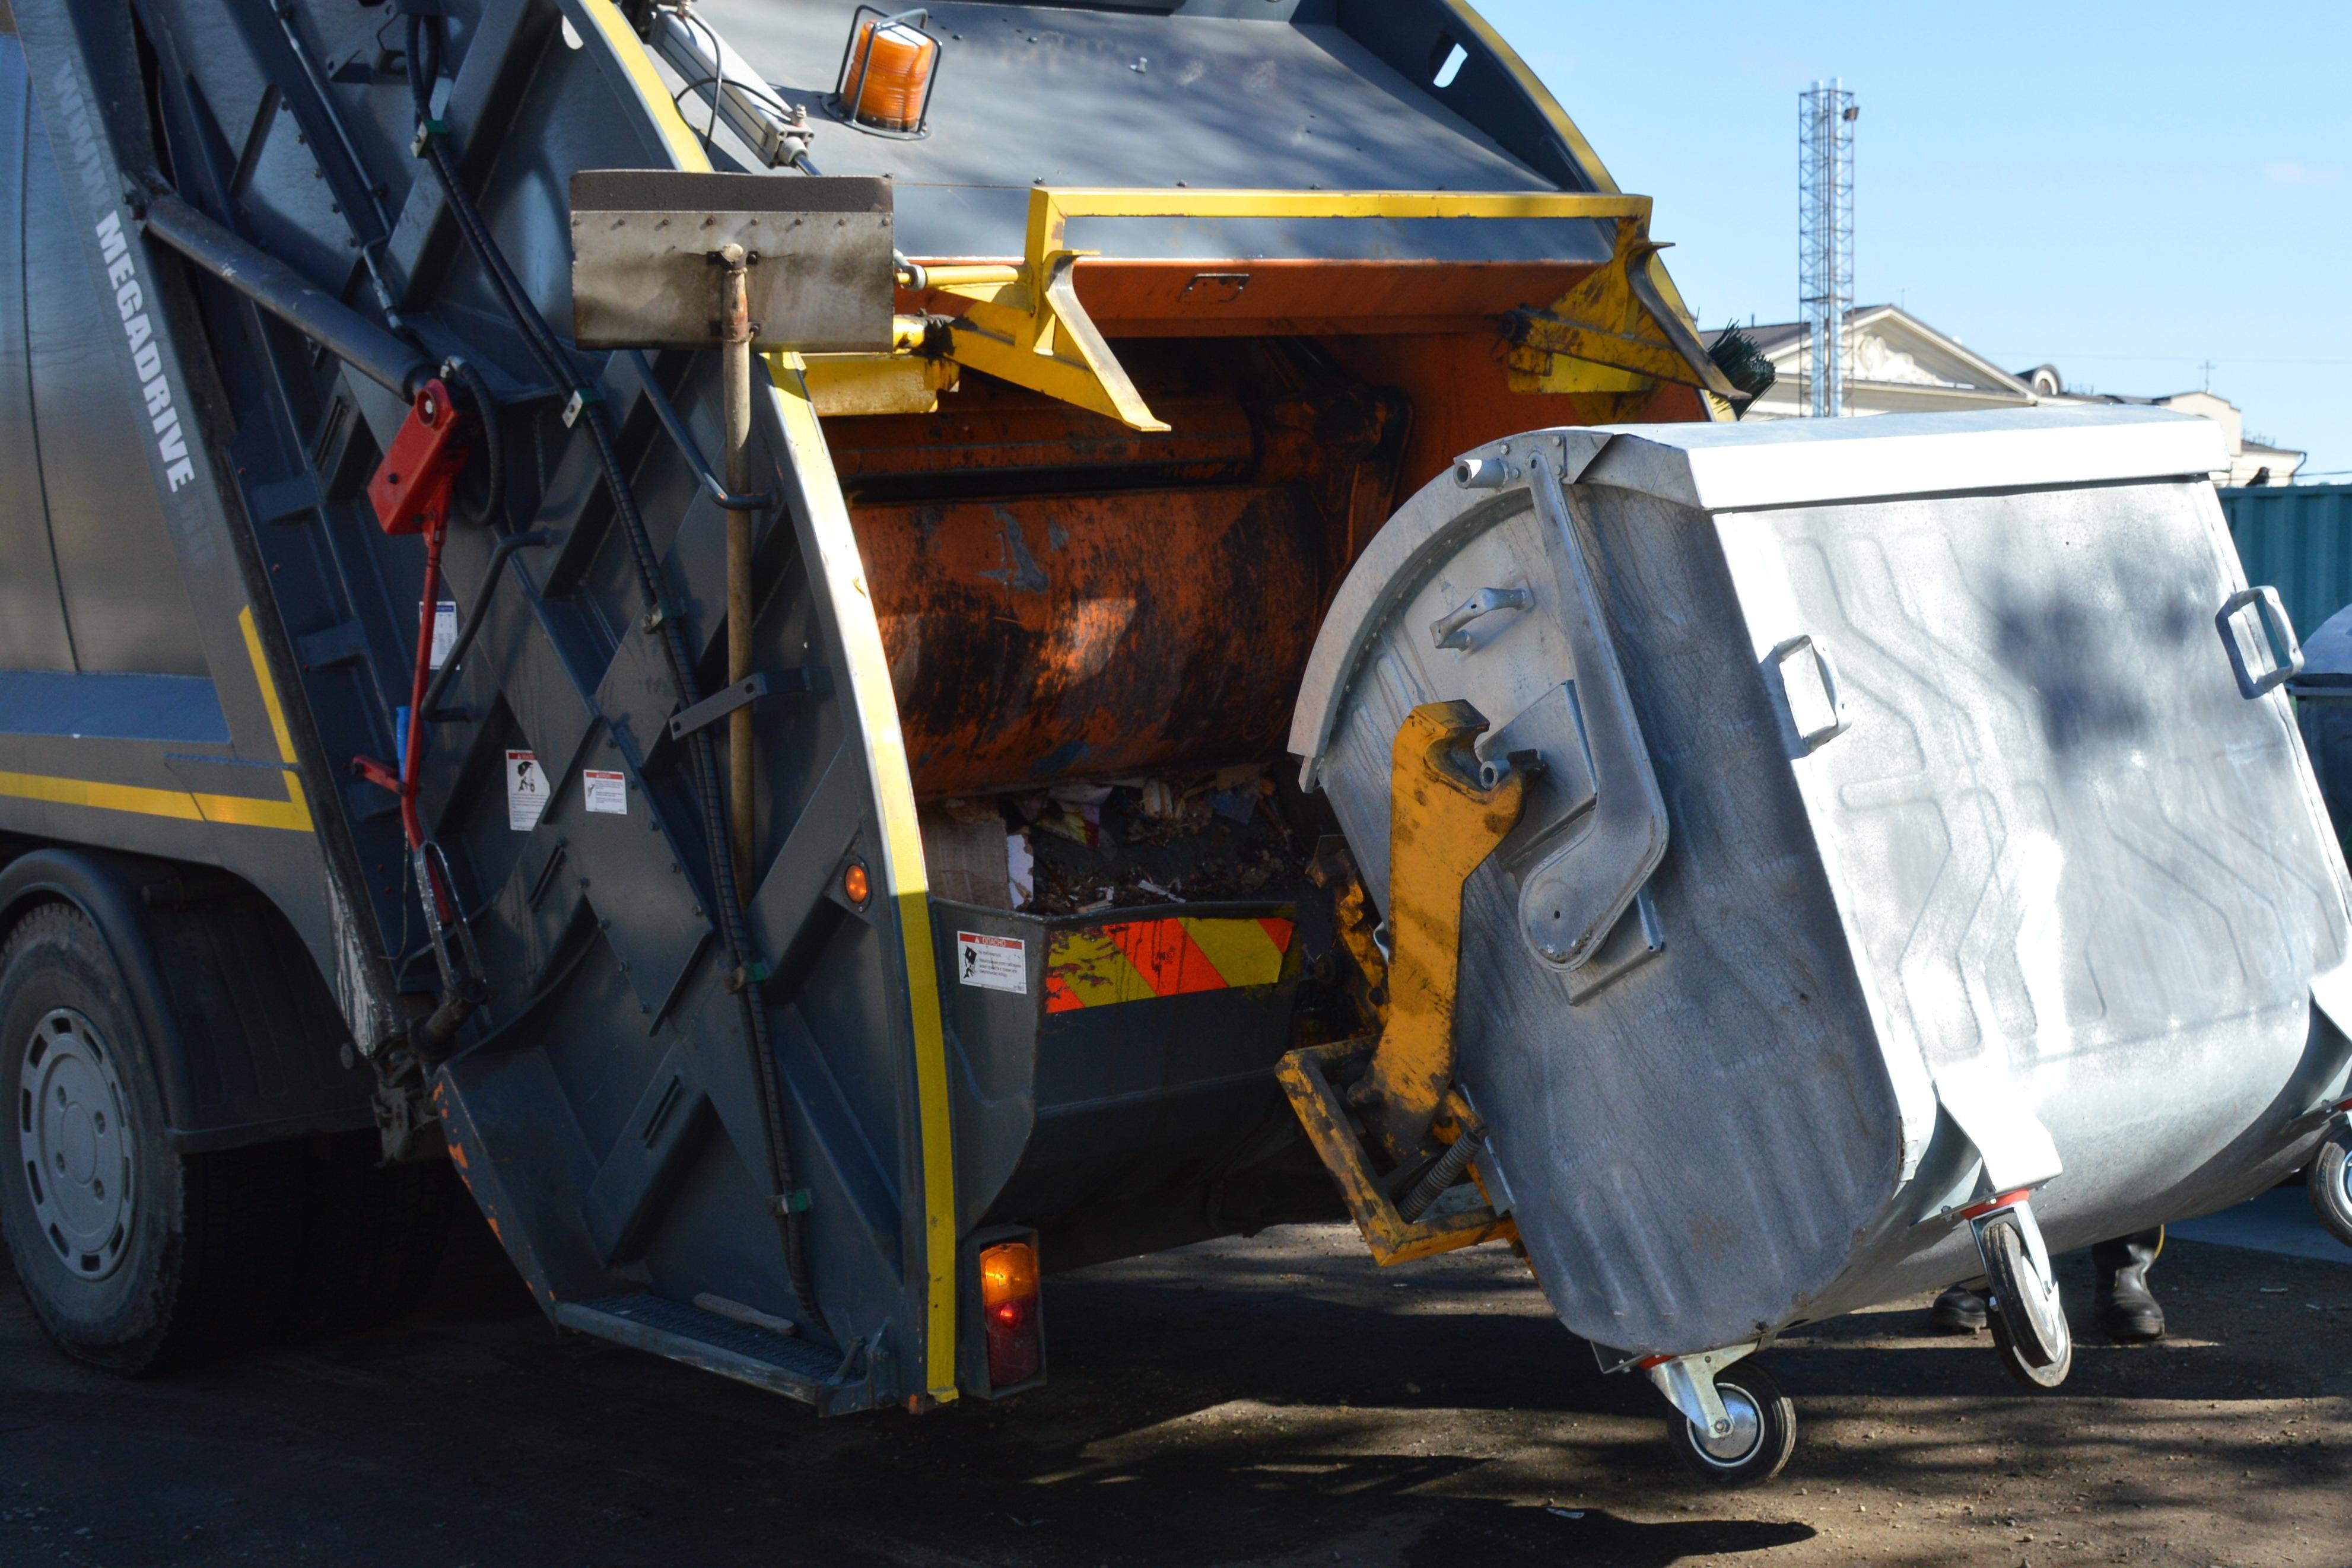 Раздельный сбор, сортировка и новые контейнеры: в облдуме обсудили утилизацию мусора